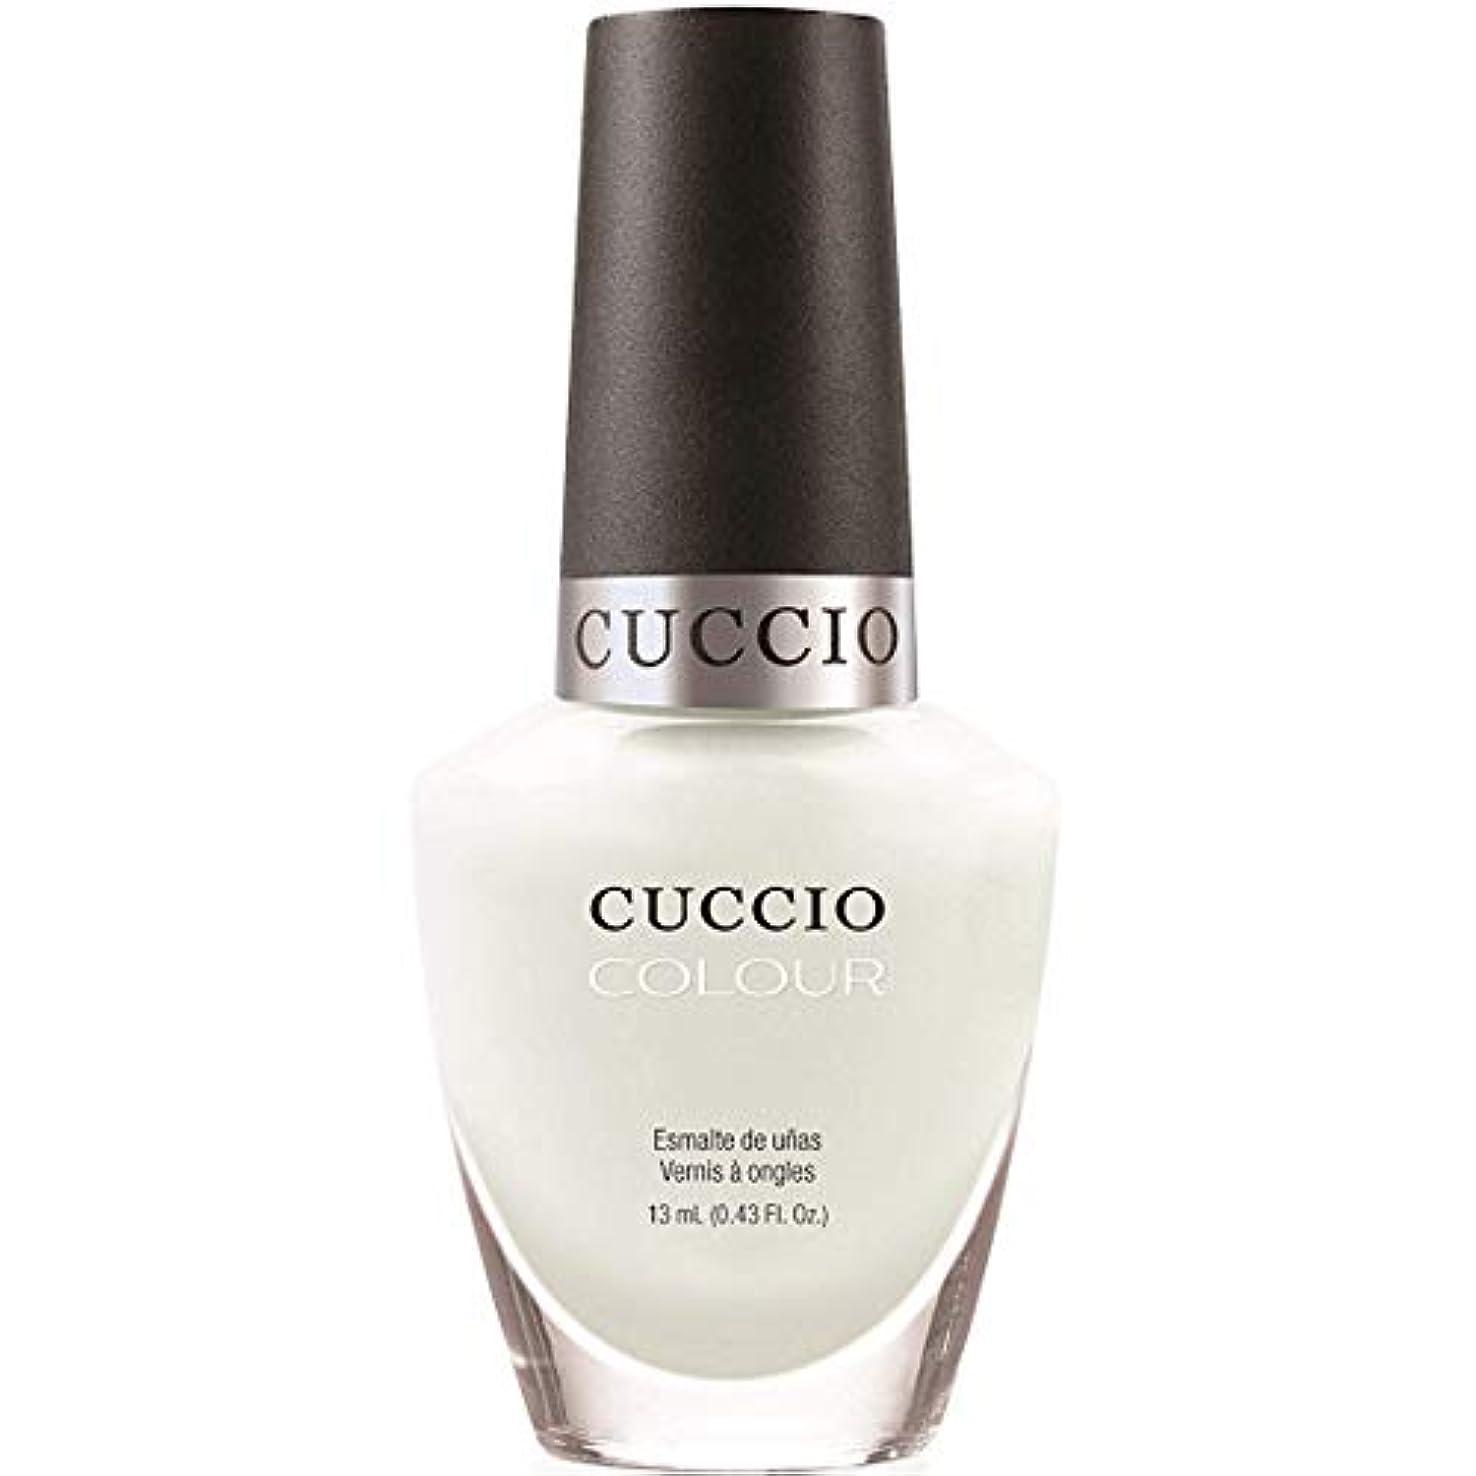 ゴミ箱露出度の高い胴体Cuccio Colour Gloss Lacquer - White Russian - 0.43oz / 13ml